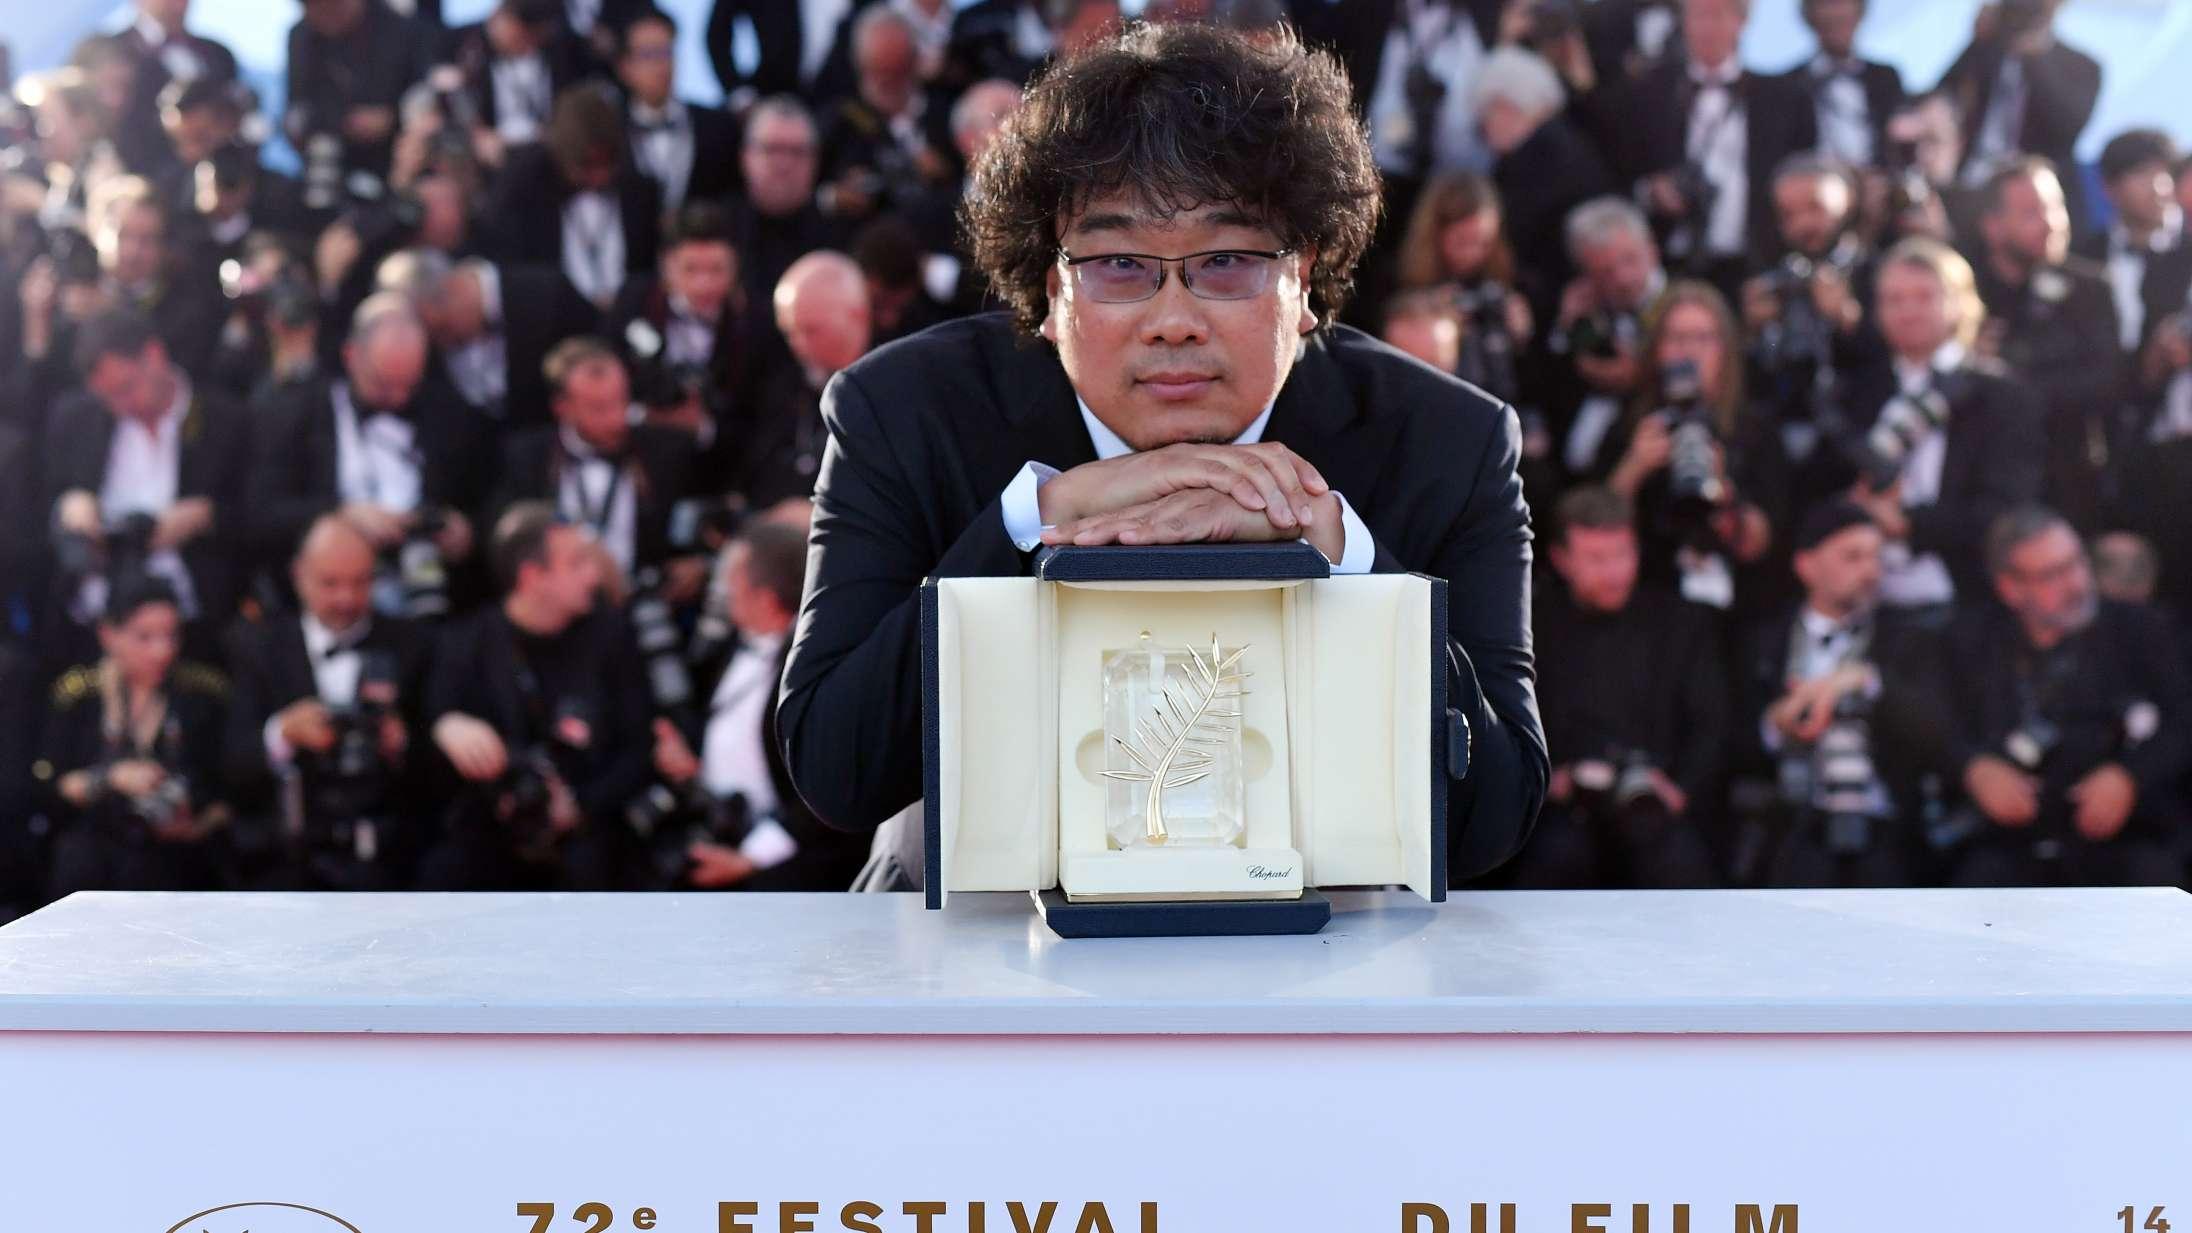 Verdens førende filmfestivaler, fra Cannes til Venedig, går sammen om Youtube-festival